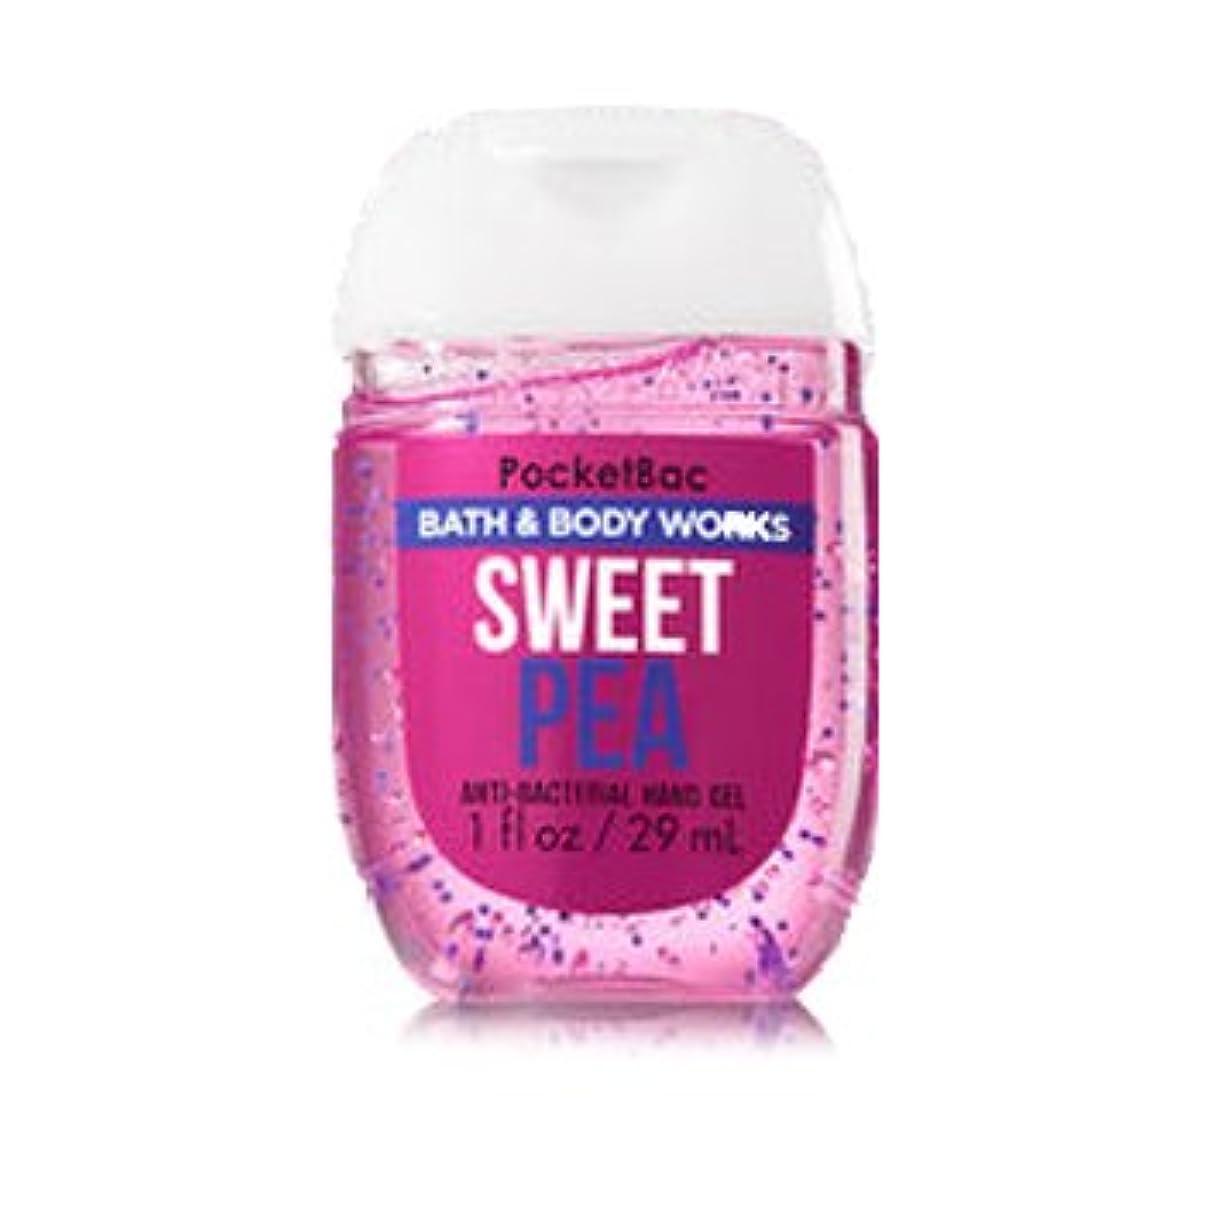 ループ買う扱うバス&ボディワークス ハンドジェル 29ml スウィートピー Bath&Body Works Anti-Bacterial PocketBac Sanitizing Hand Gel Sweet Pea [並行輸入品]